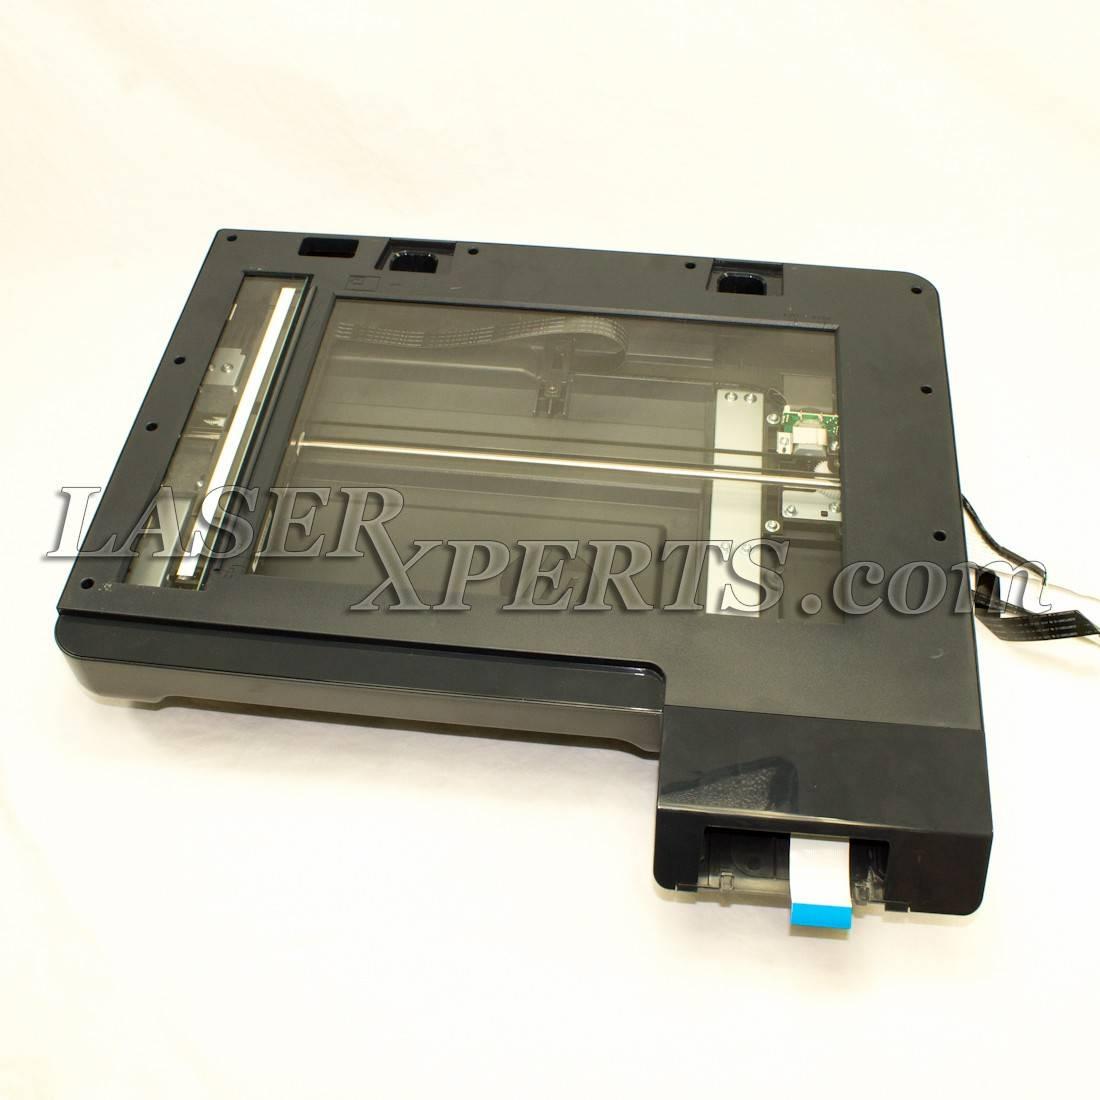 Фото Сканер в сборе (основание) HP LJ M521 (A8P79-65015, A8P79-60121)